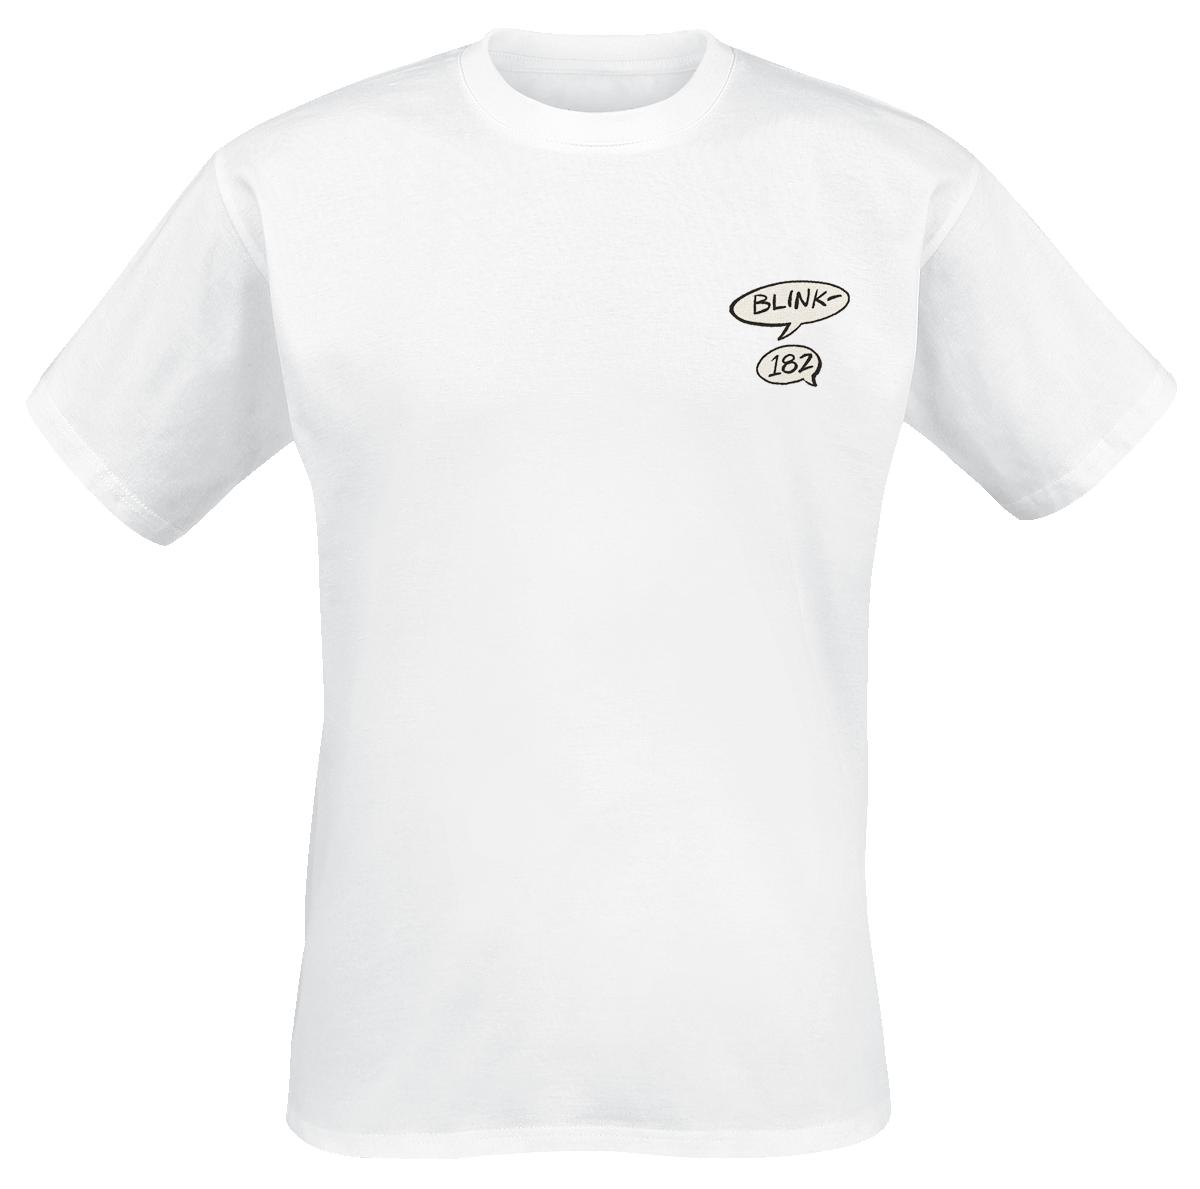 Blink 182 - Rabbit - T-Shirt - white image